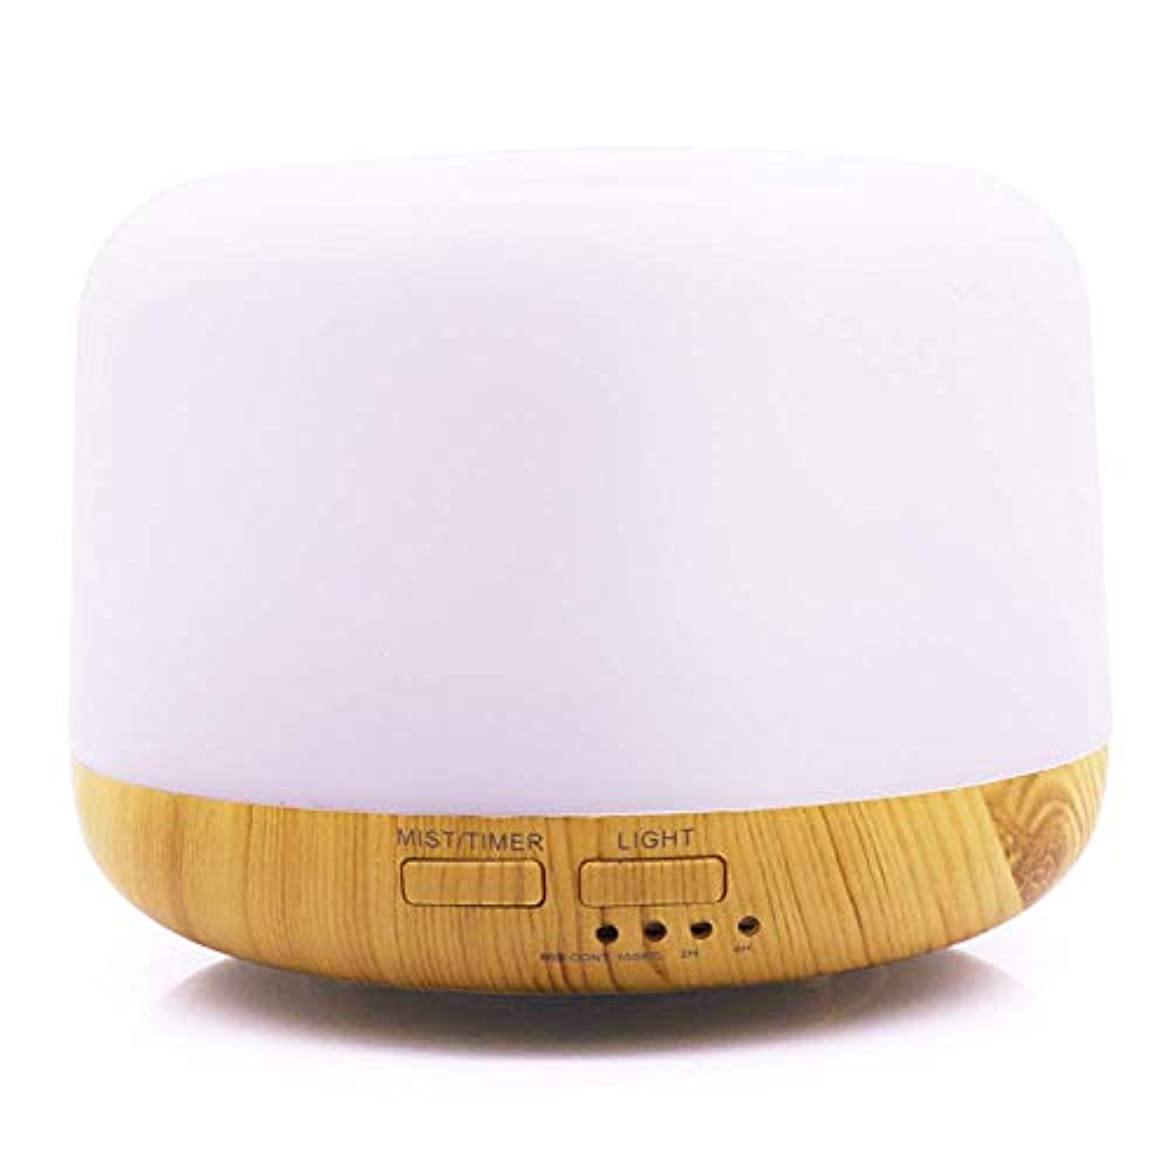 審判有限目を覚ます超音波カラフルなライトアロマテラピーマシンLED照明パンの加湿器ホームオフィスの美しさ,Natural